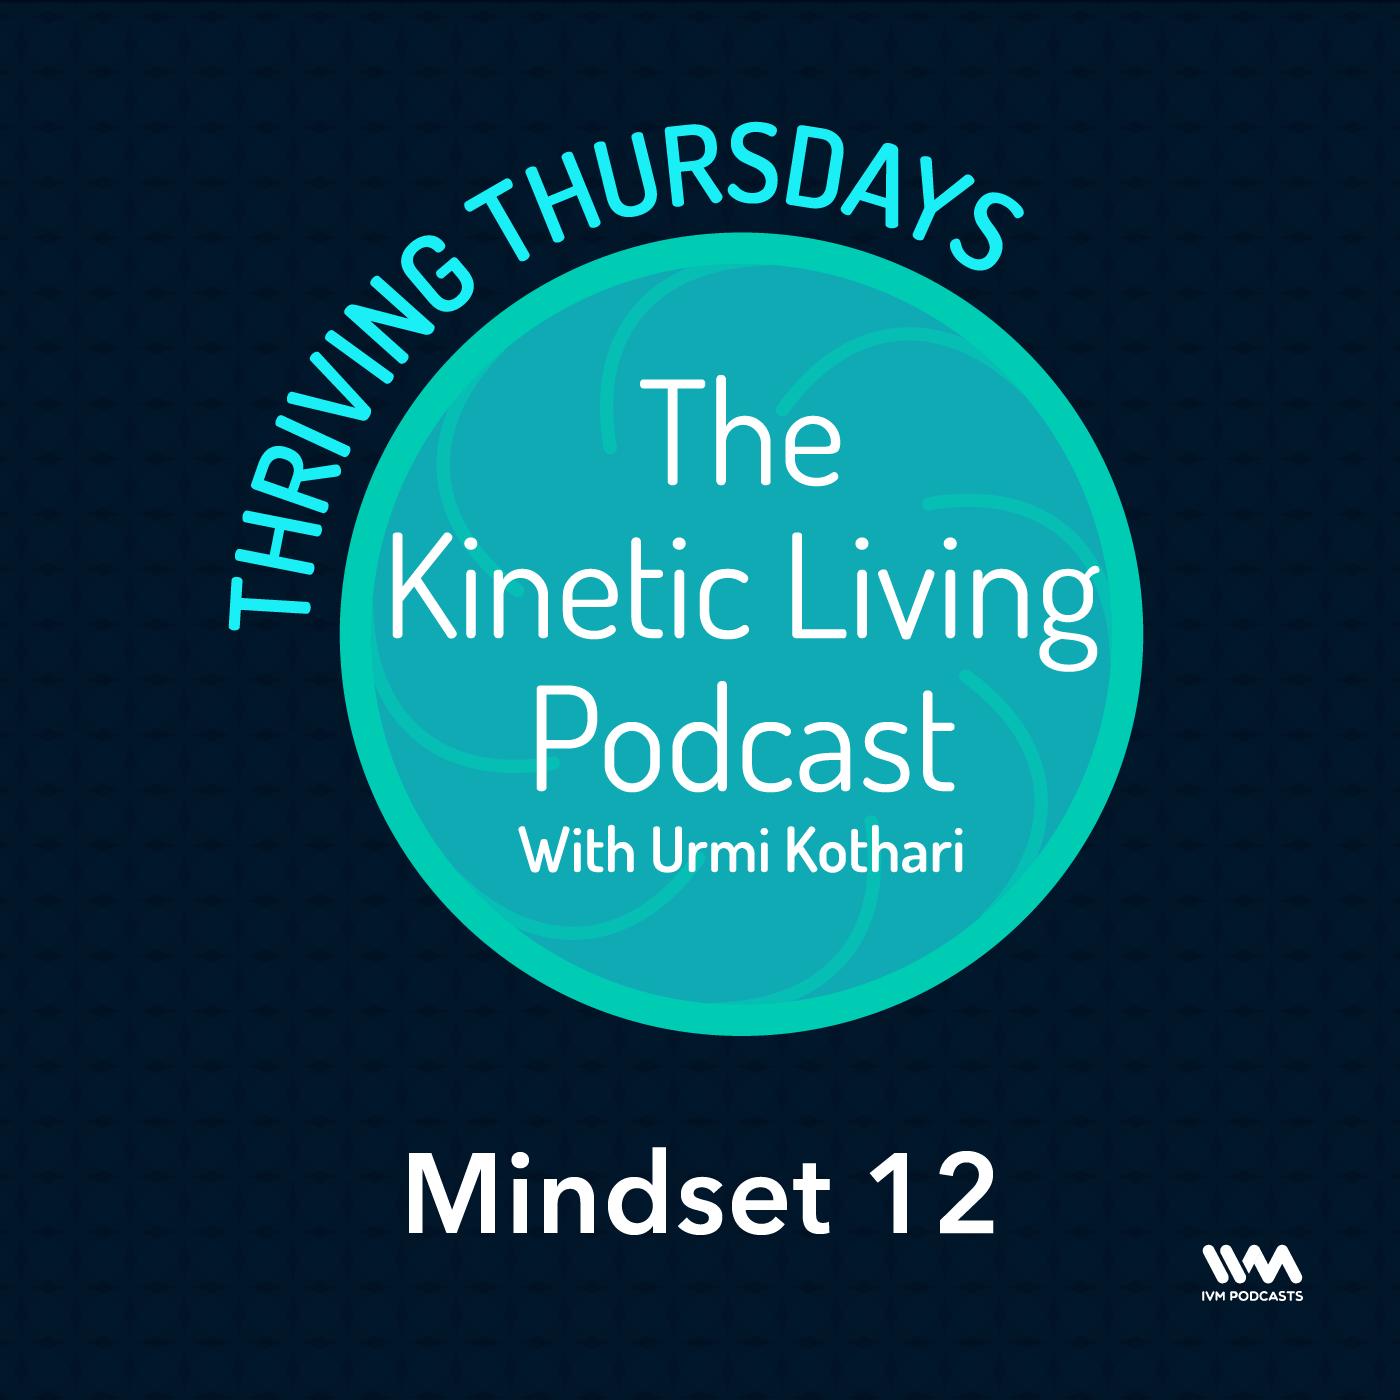 S02 E12: Thriving Thursday: Mindset 12